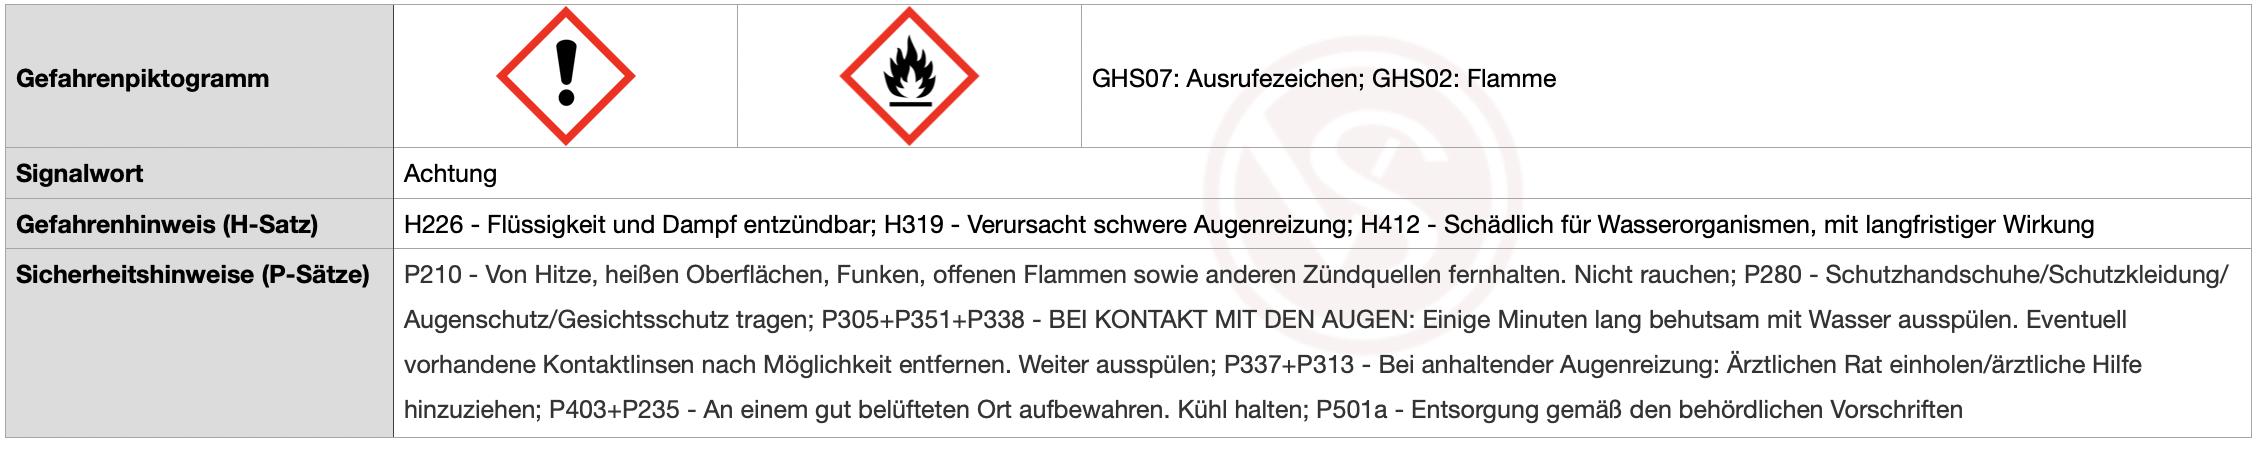 Achtung-H226-H319-H412